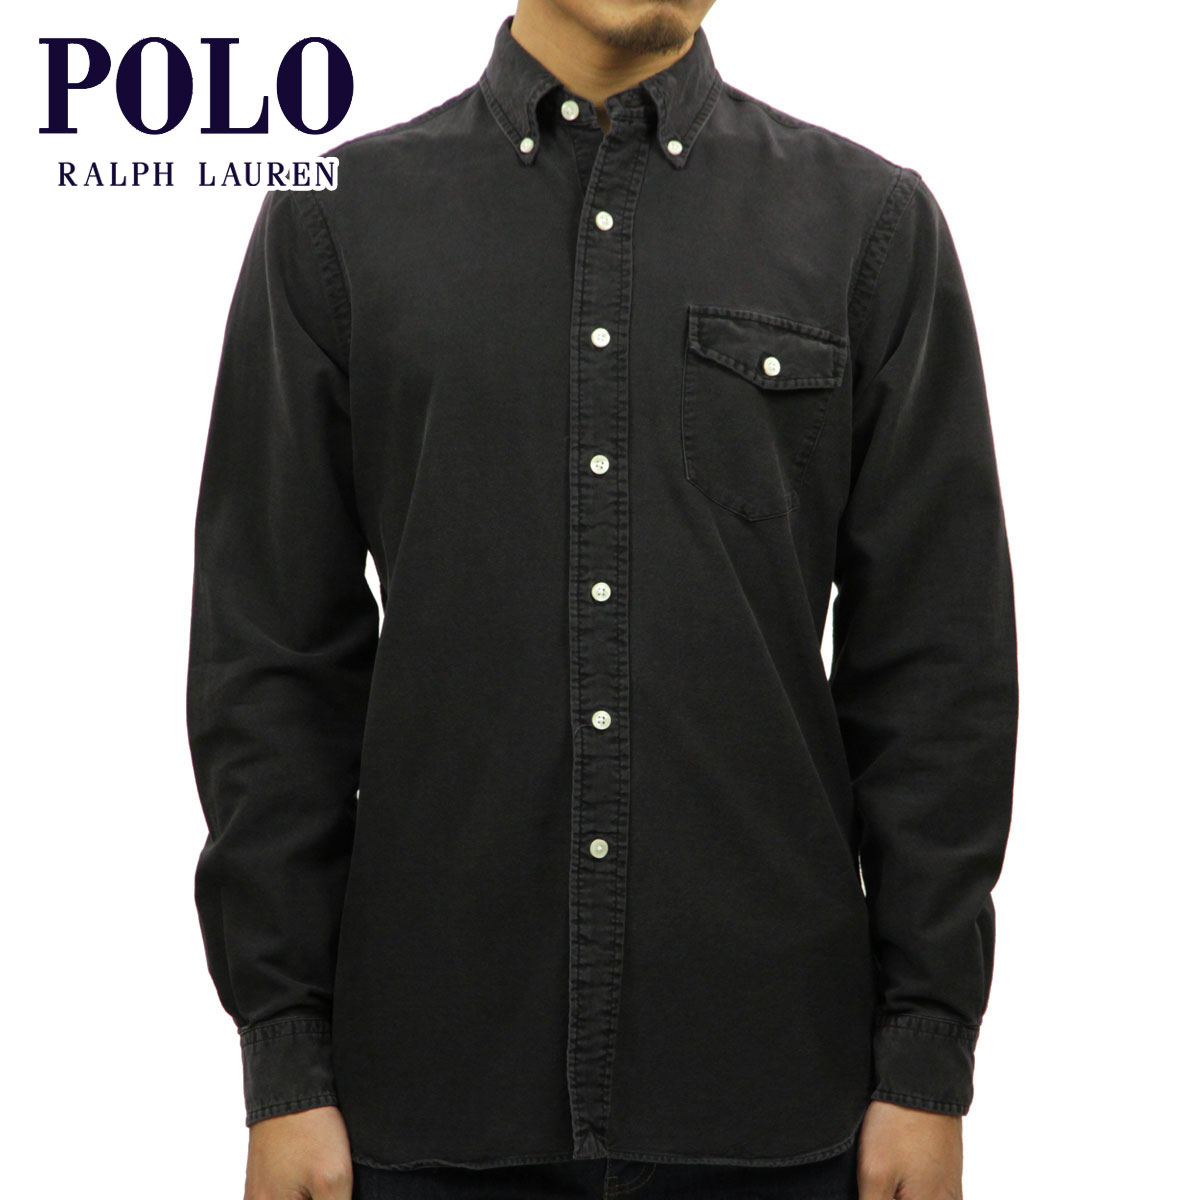 9d987c9b Polo Ralph Lauren shirt men's regular article POLO RALPH LAUREN long  sleeves shirt button-down shirt CLASSIC FIT OXFORD SHIRT BLACK